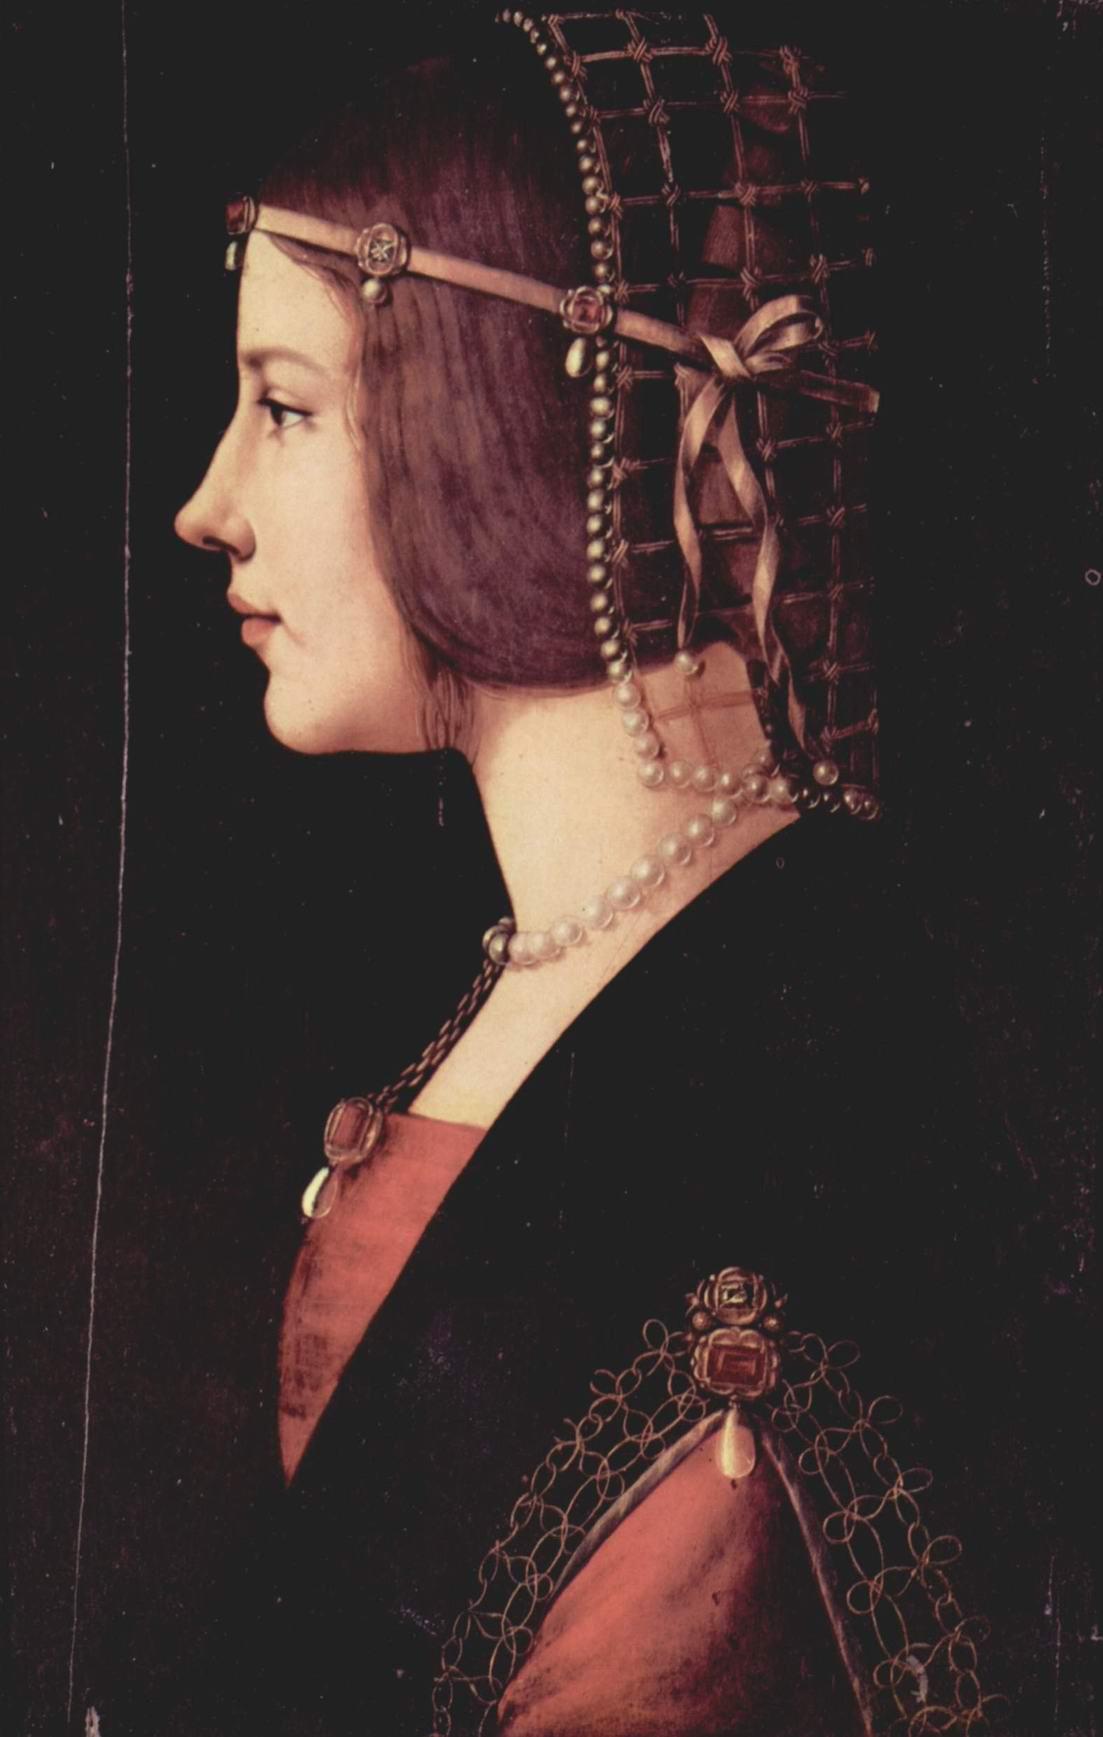 Из собрания шедевров мировой живописи... (822).jpg